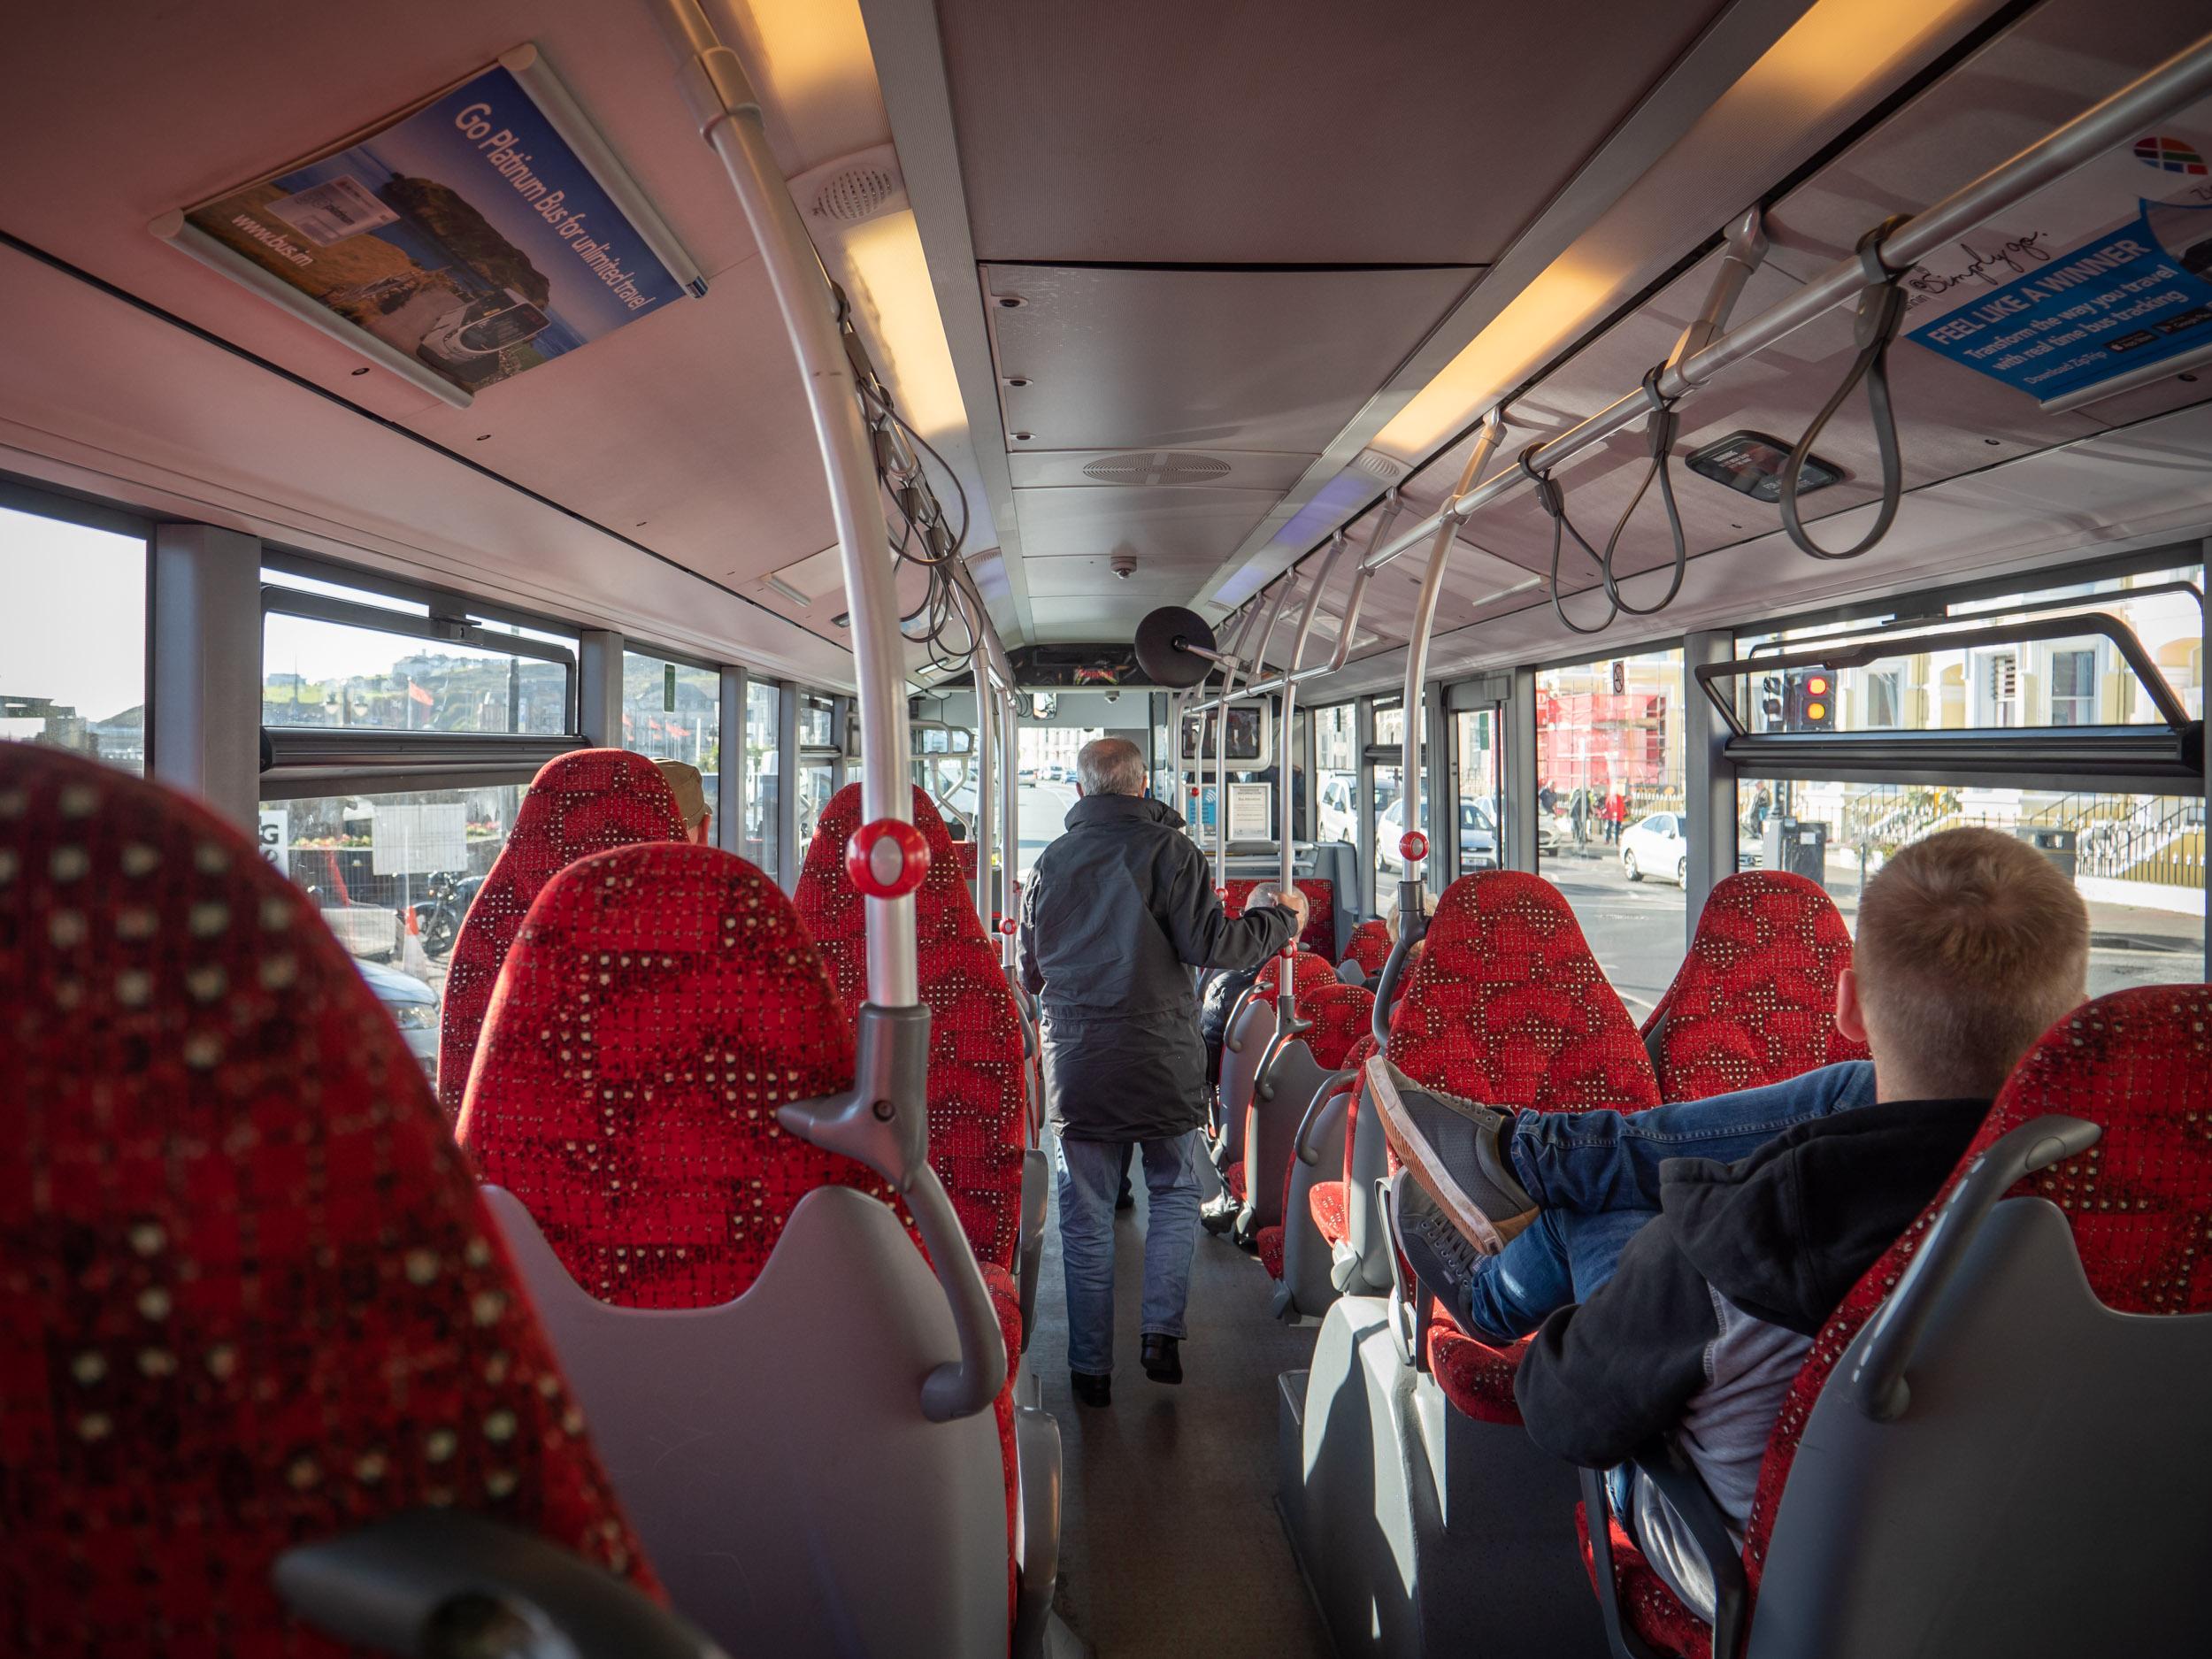 1系統ポート・エリン行きのバスの車内 DMC-GX8 + LEICA DG 12-60mm